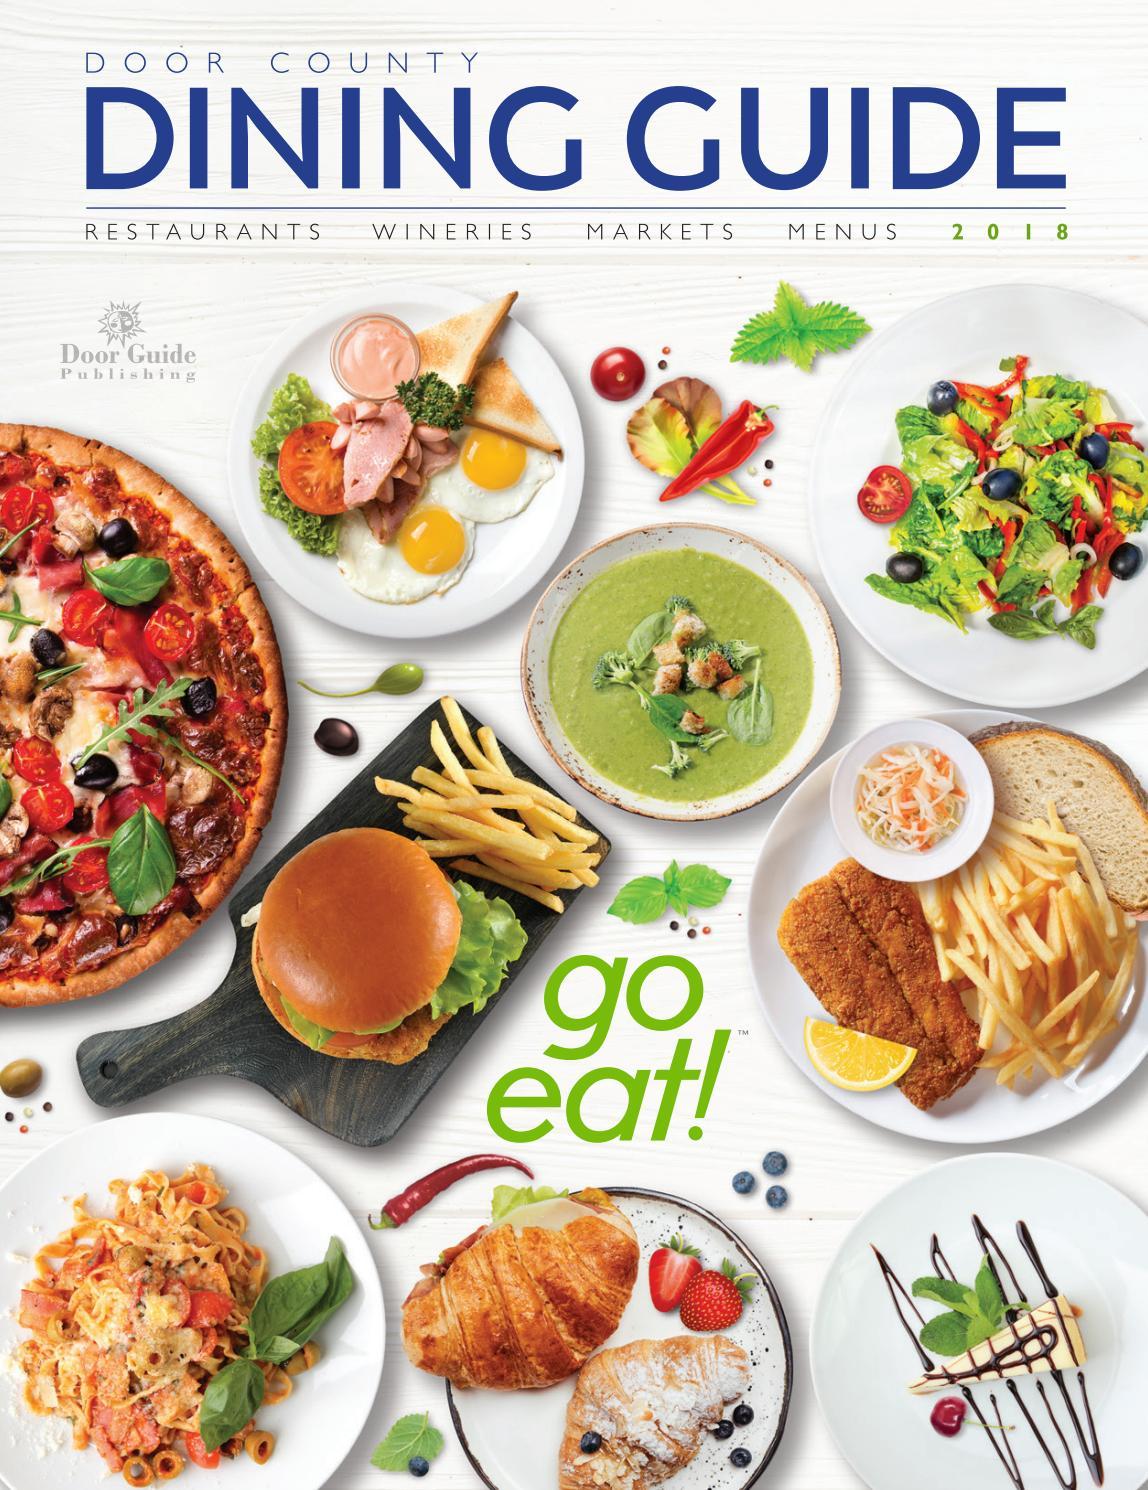 2018 Door County Dining Guide